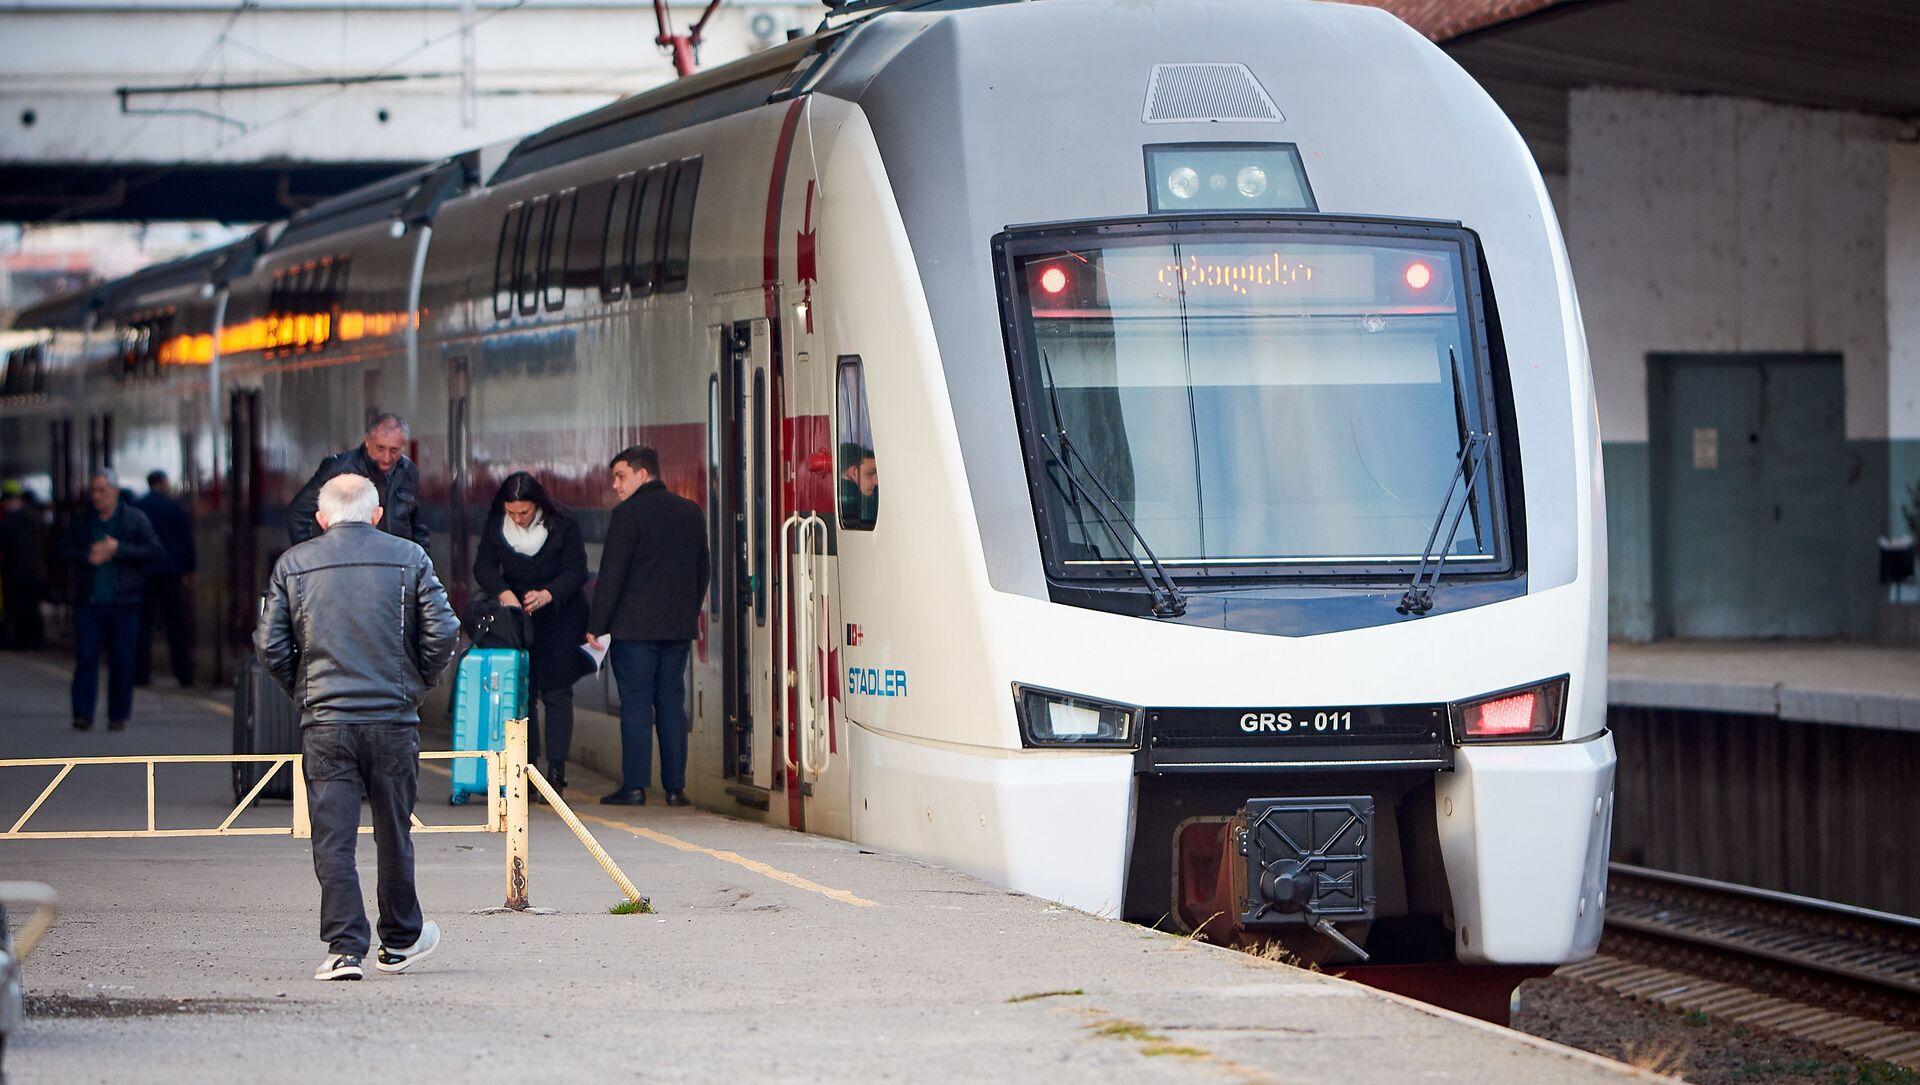 Двухэтажный пассажирский поезд Stadler выполняет рейс Тбилиси - Батуми - Sputnik Грузия, 1920, 06.08.2021